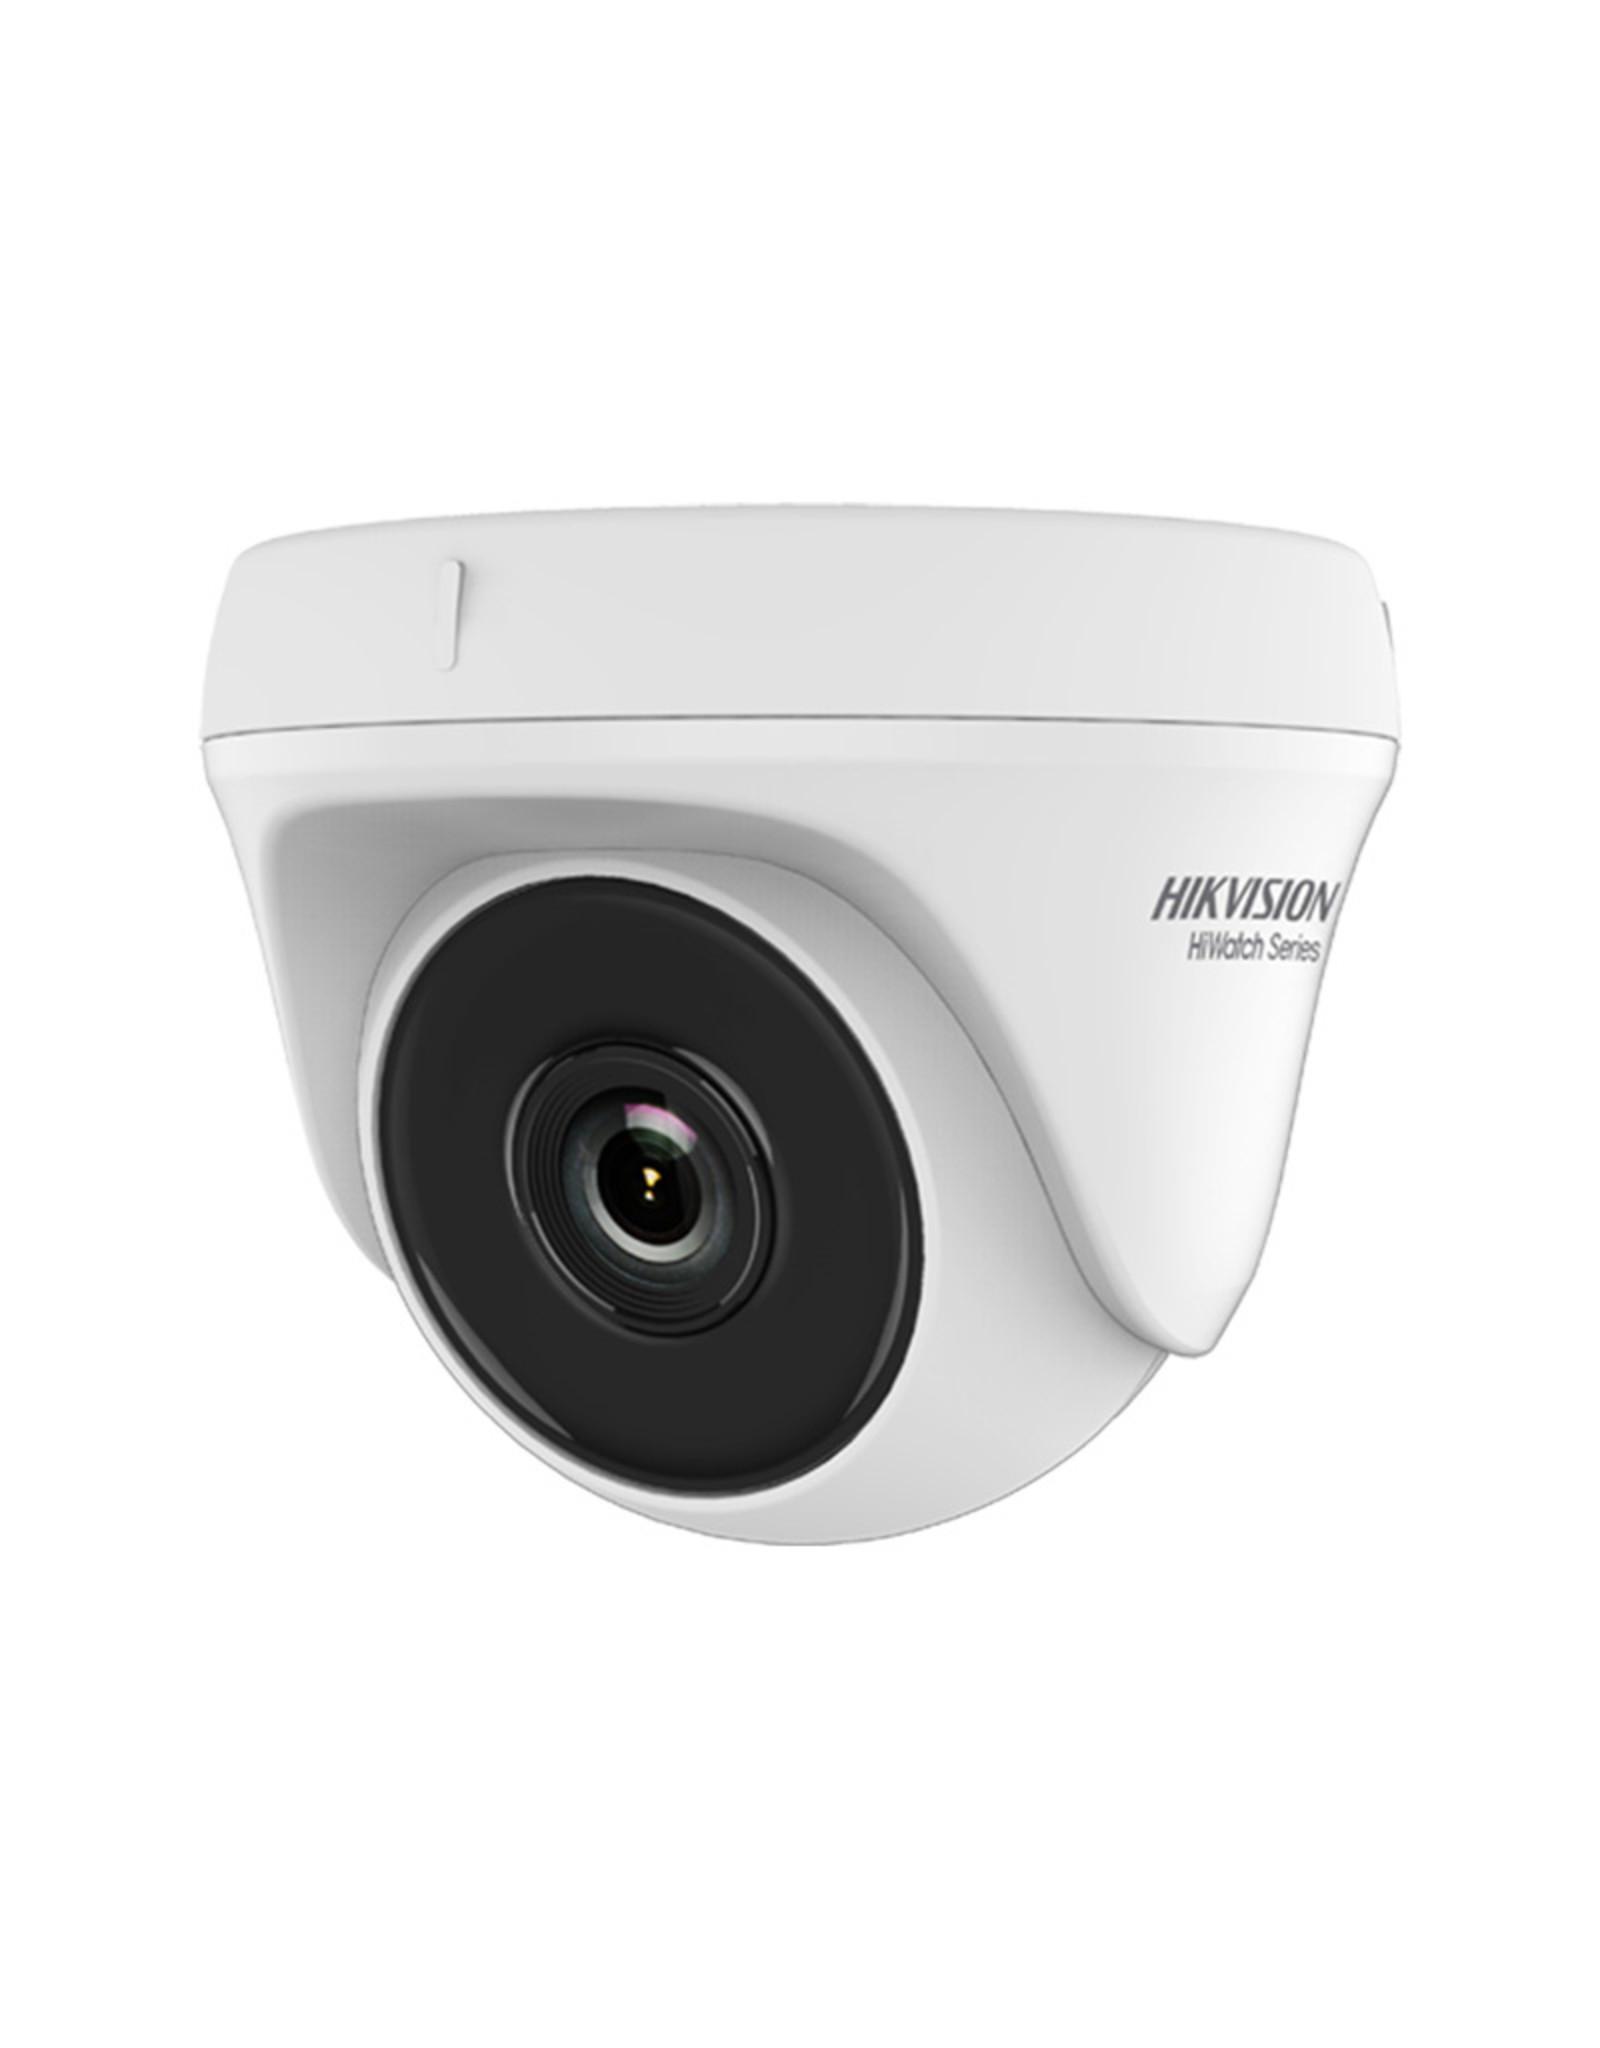 Hikvision Hikvision HWT-T110-P-0360